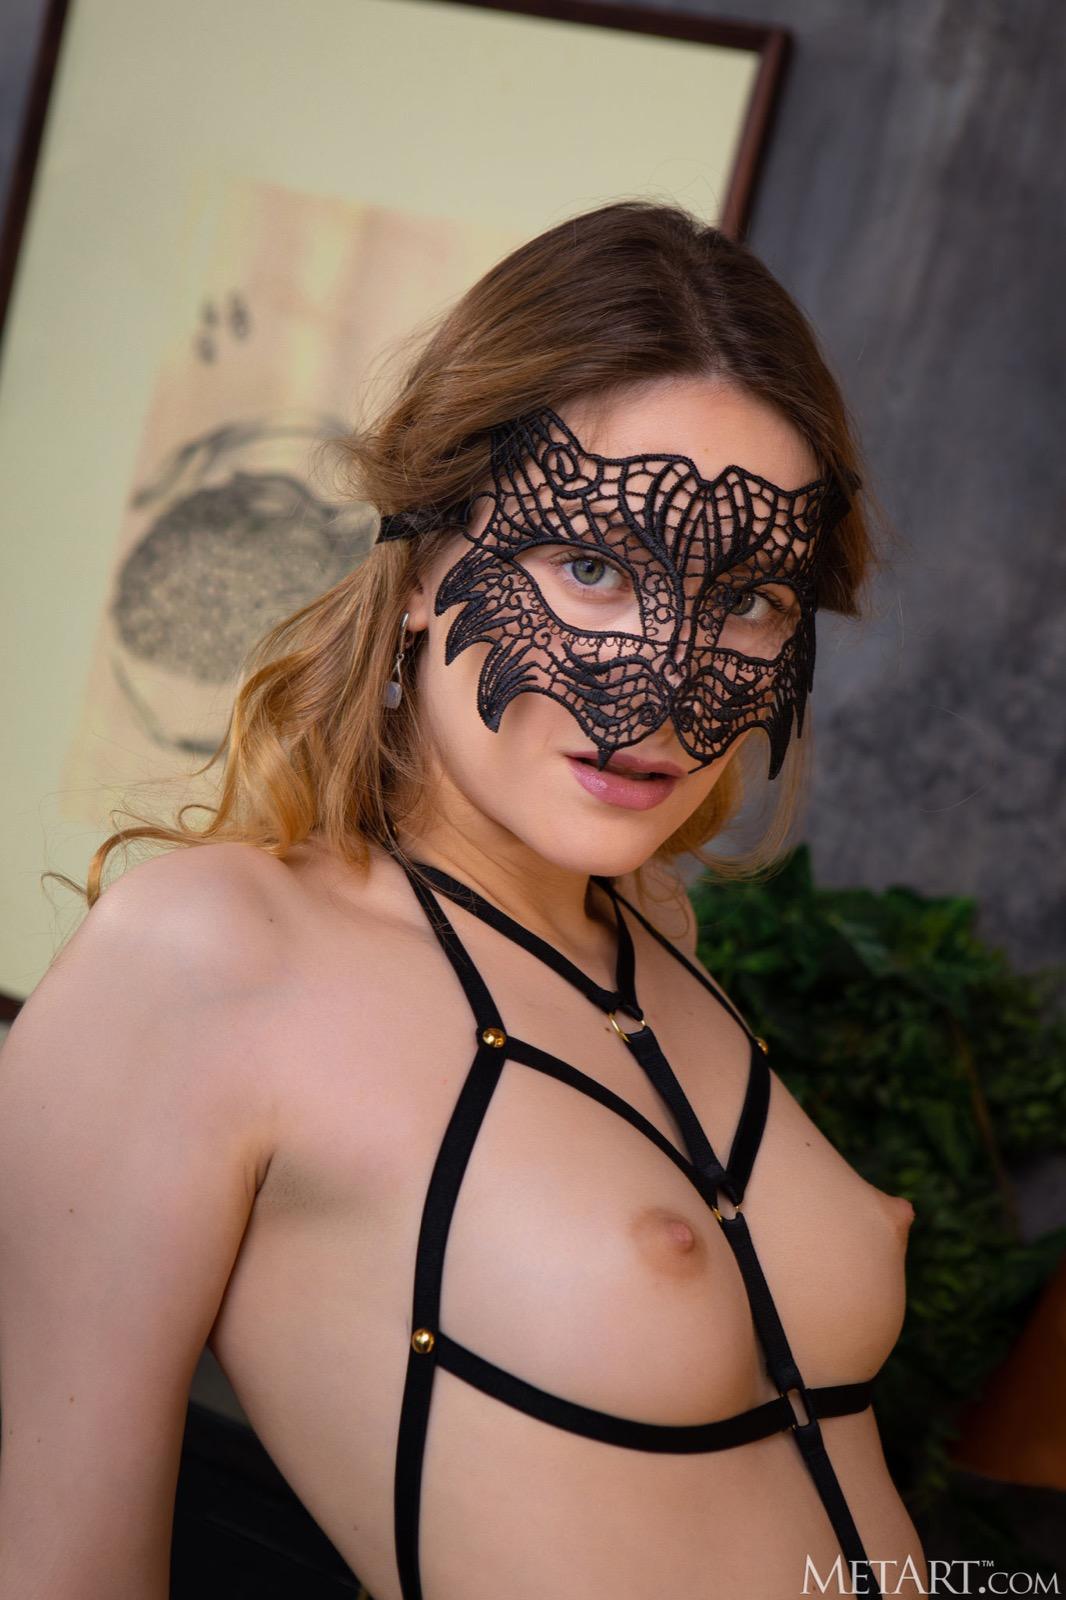 性感的猫 - Sexy Girl - katty-muss - nude 10344